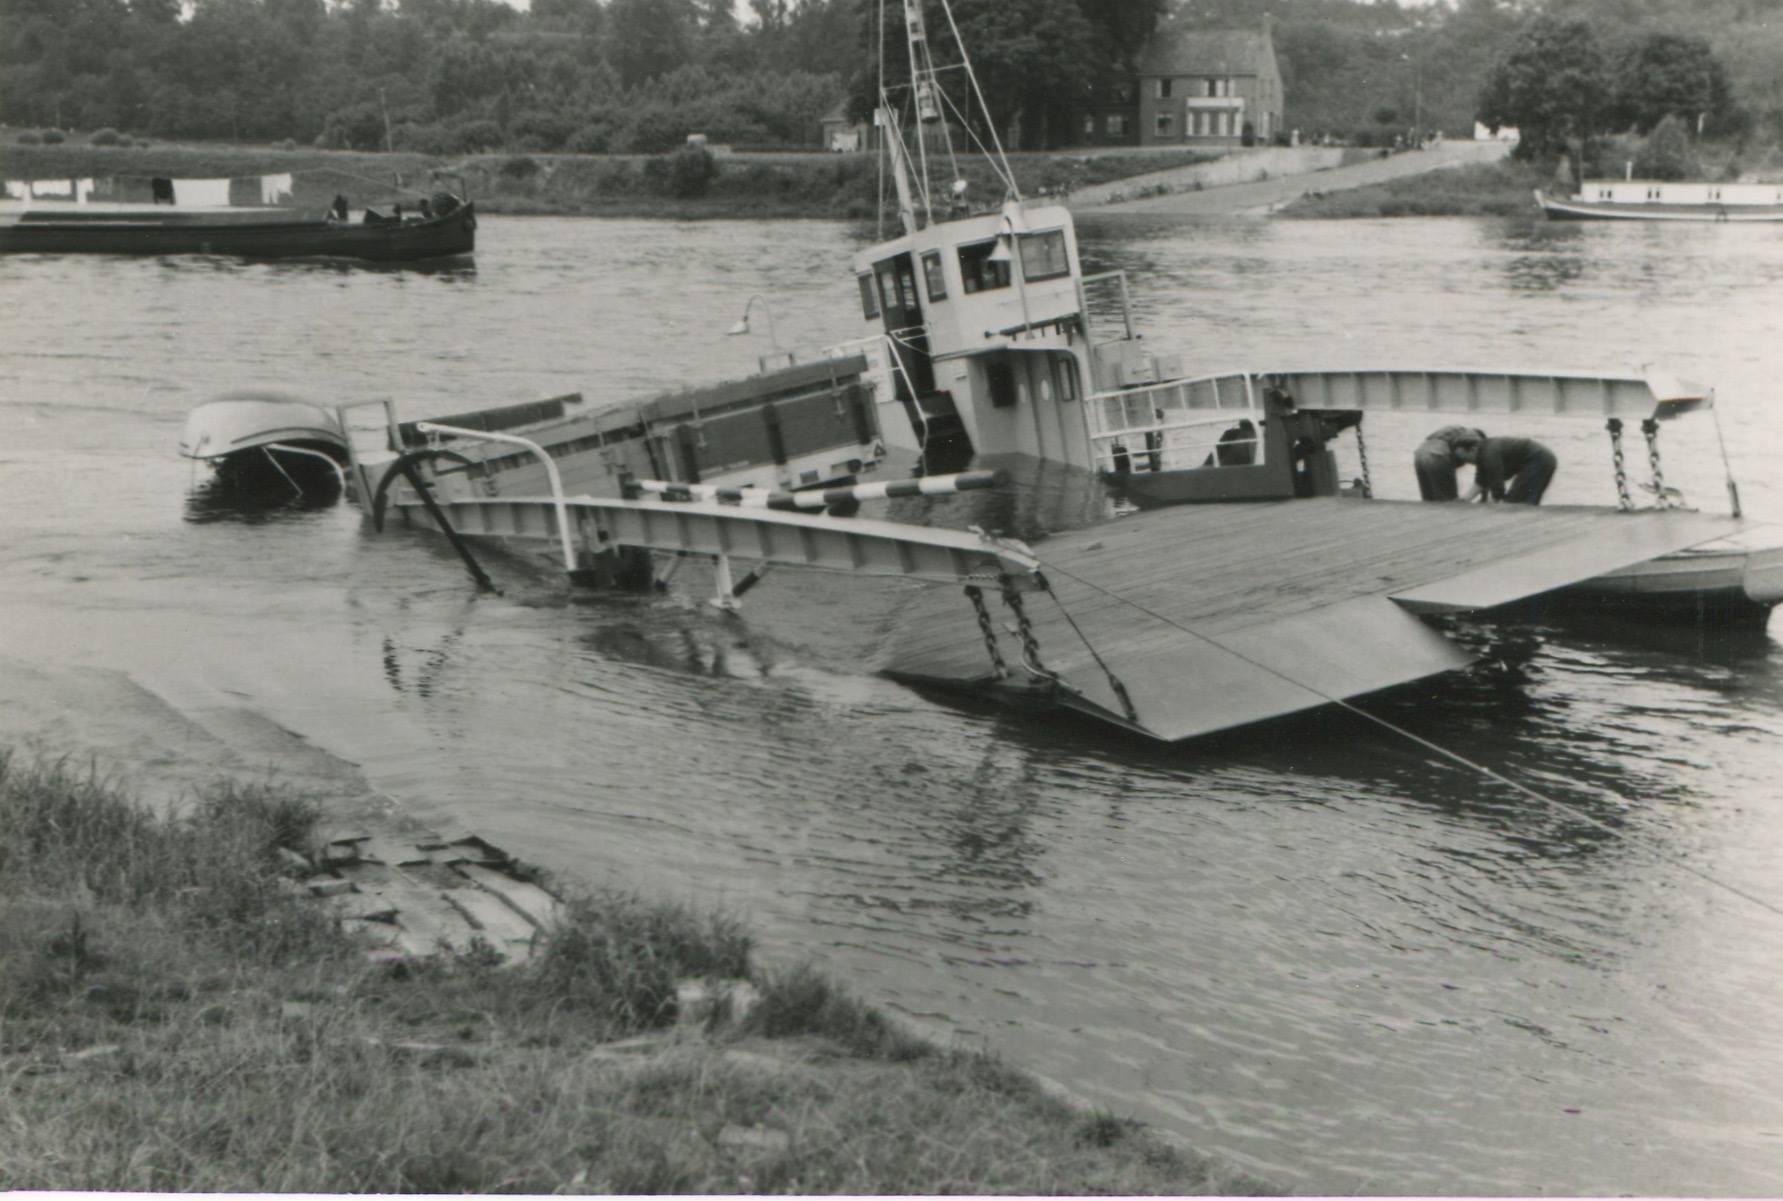 1957-foto-gemaakt-door-Jac-Rauws-ingezonden-door-Willem-Ruisch-Veerpont-Lexkesveer-Eageningen-Randwijk-8